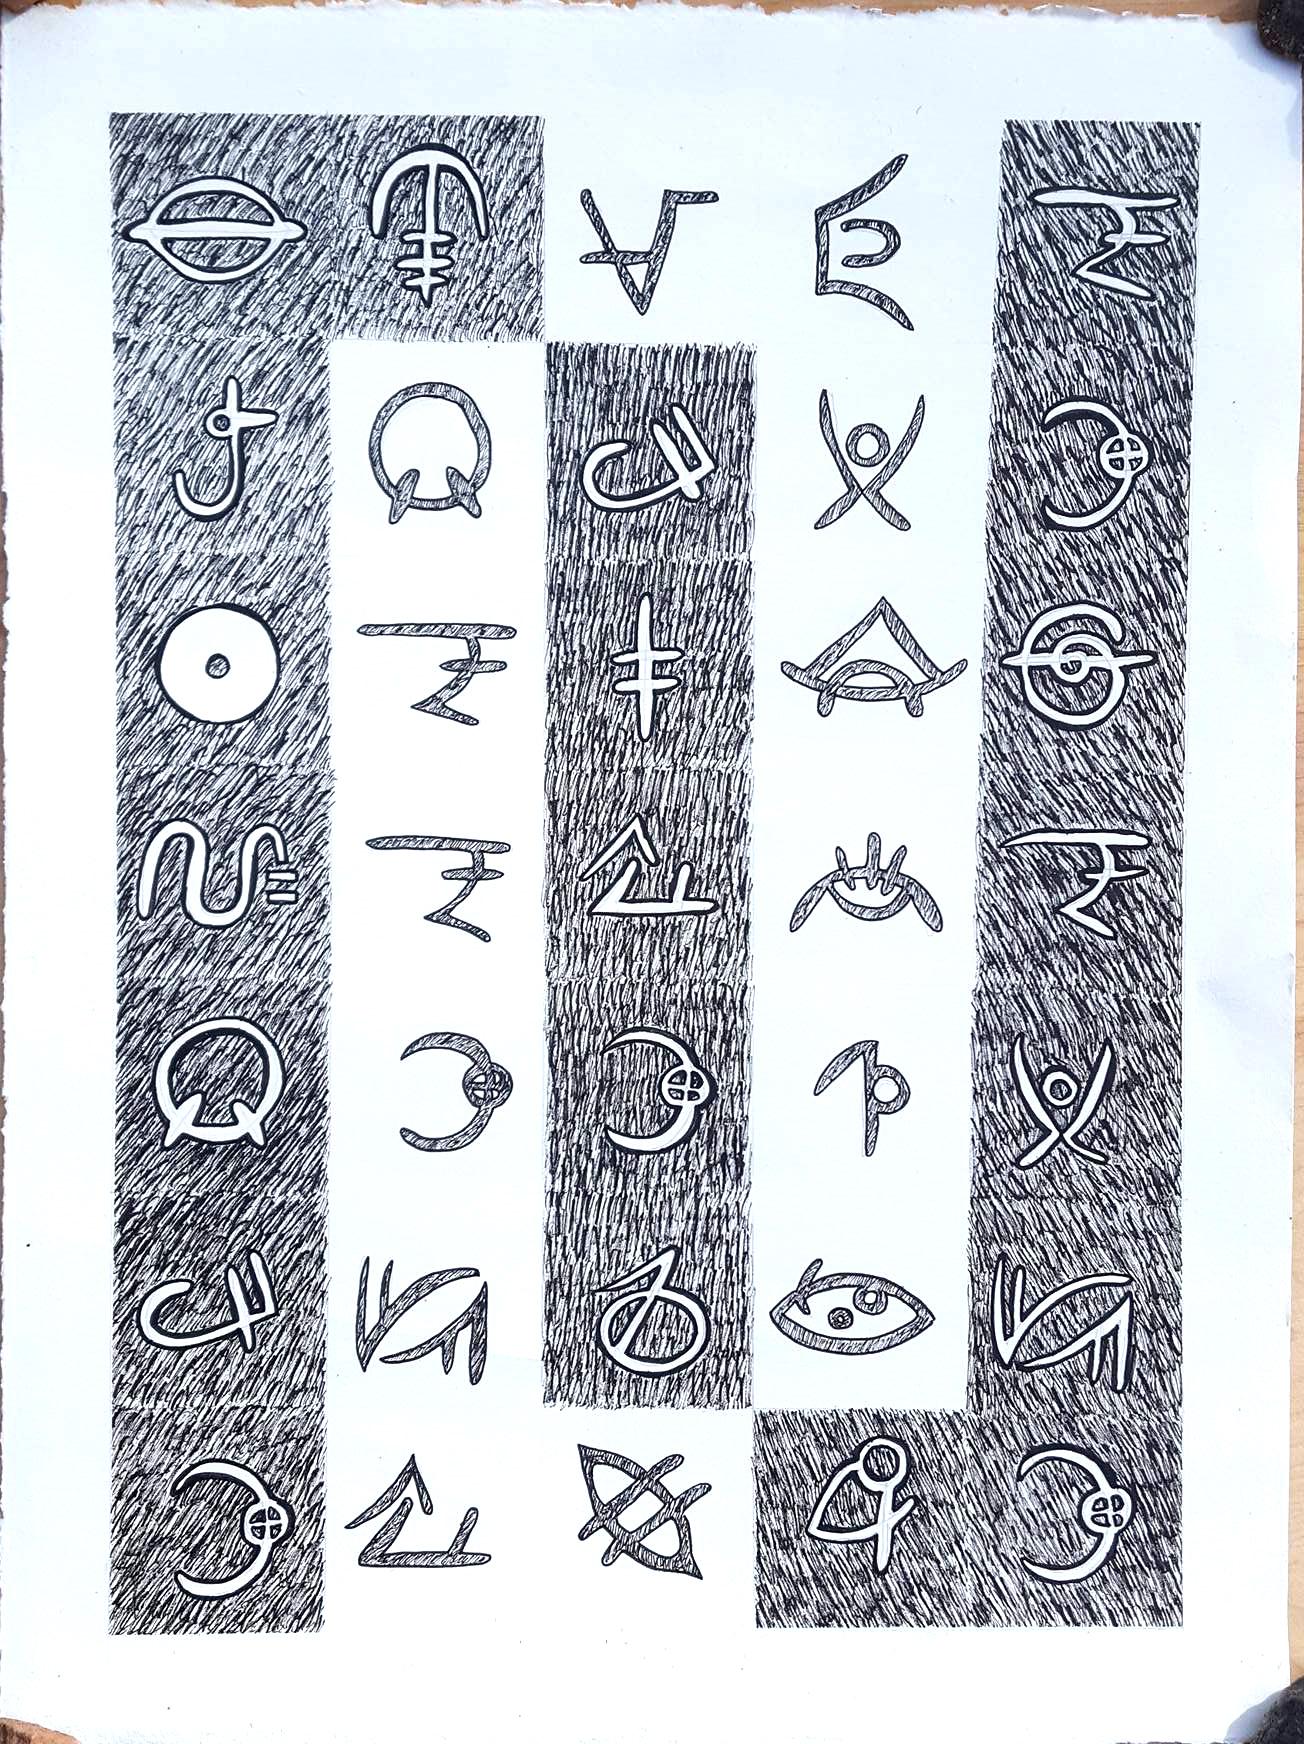 Inventa tu propio abecedario con los rotuladores Fineliners de Winsor & Newton